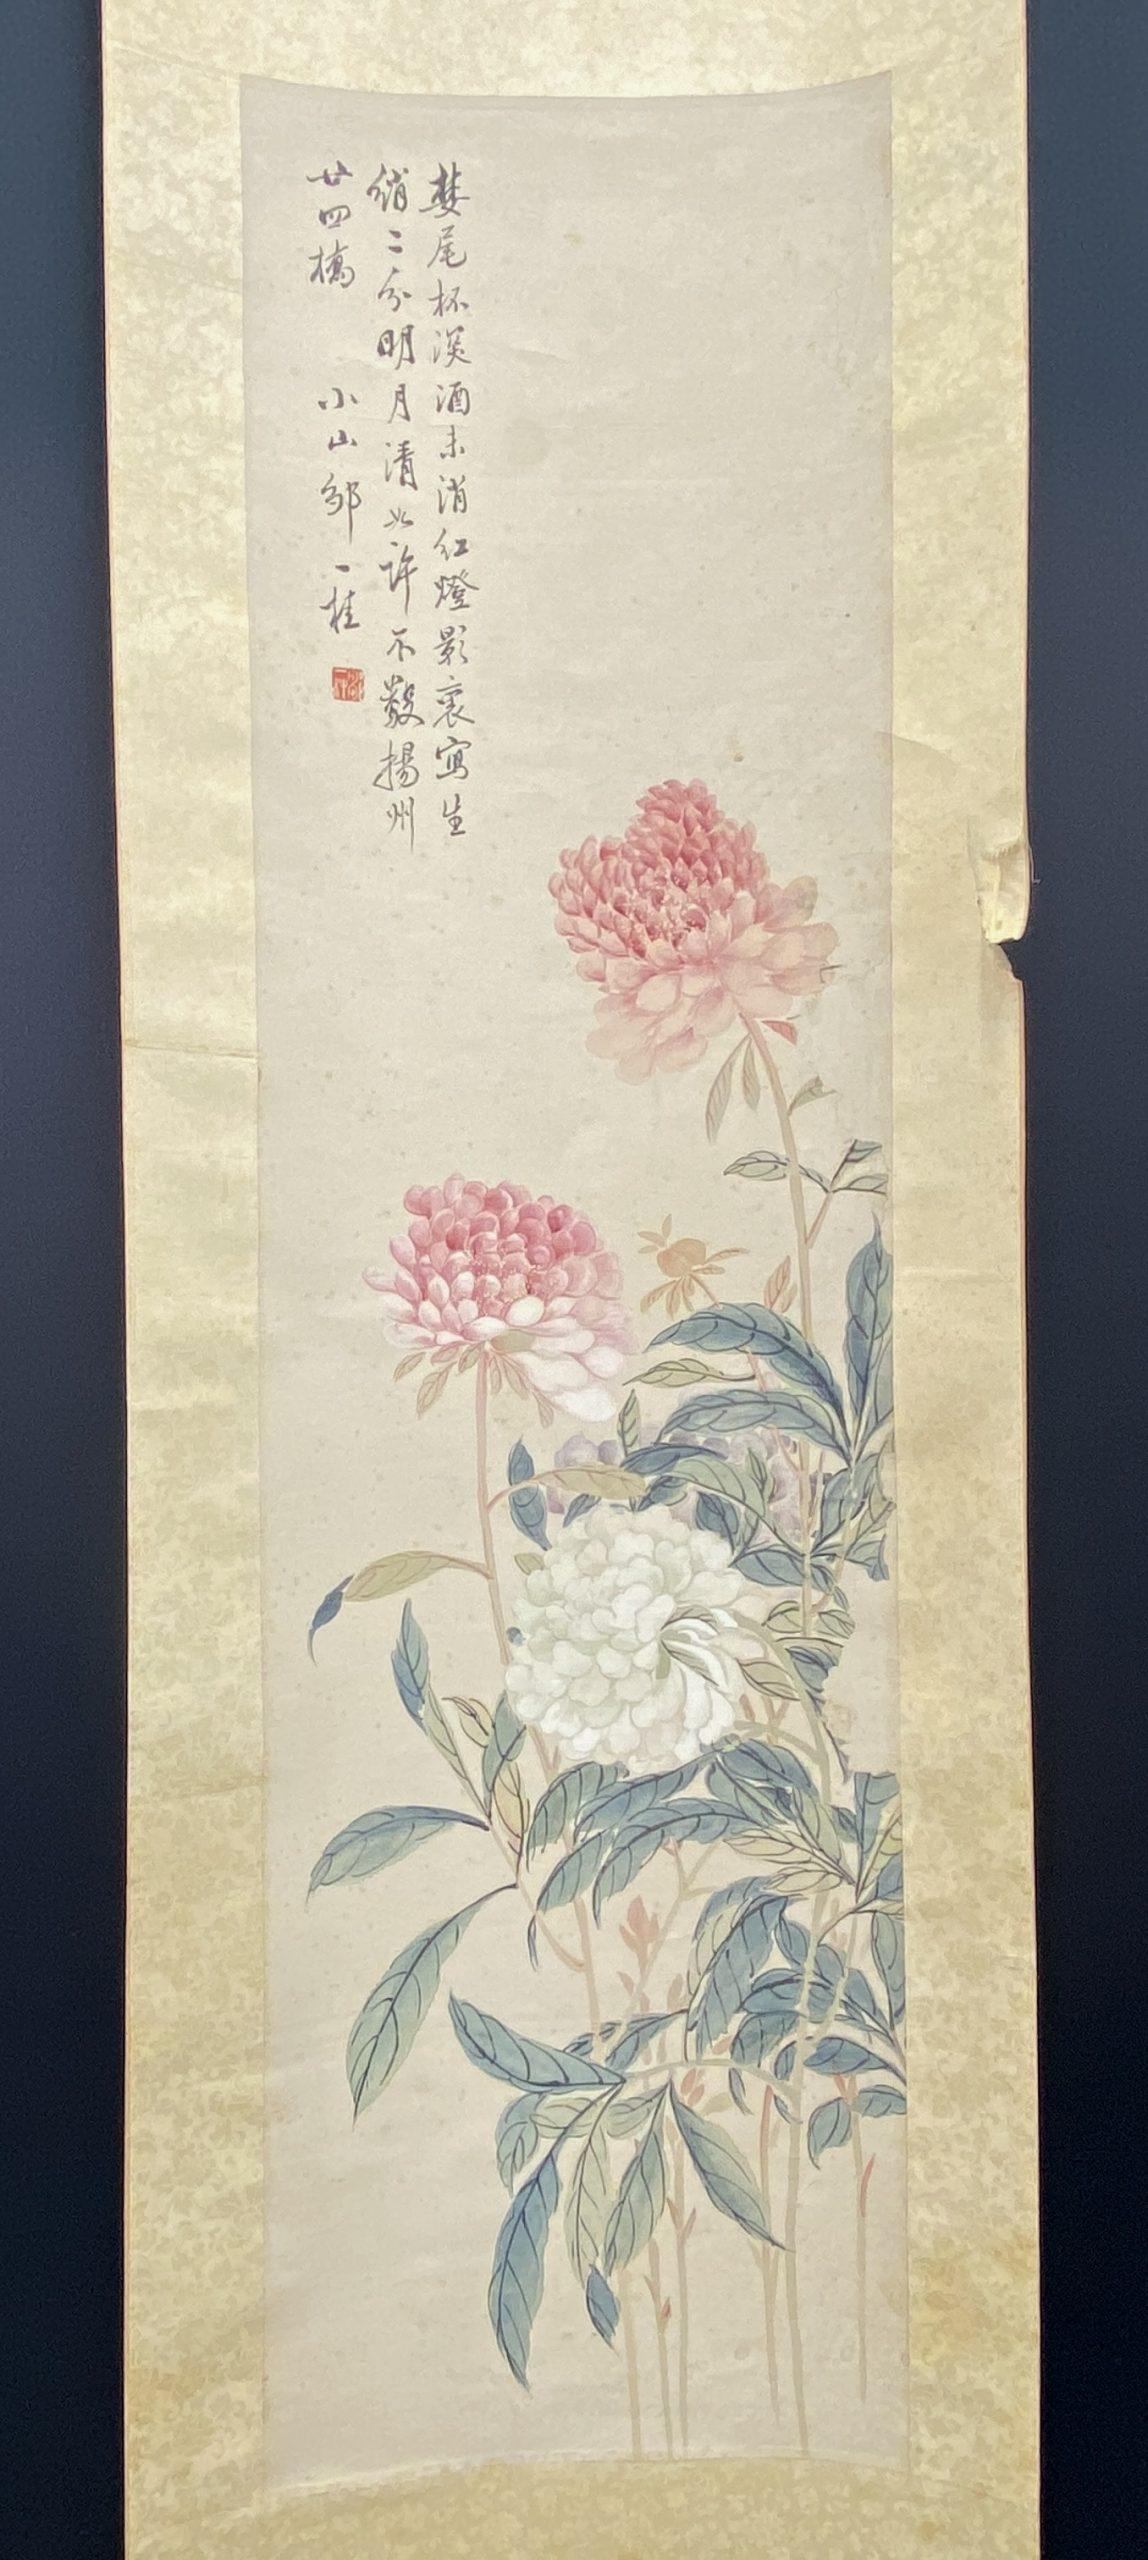 30641「鄒一桂」 花卉図 軸115×31.5cm